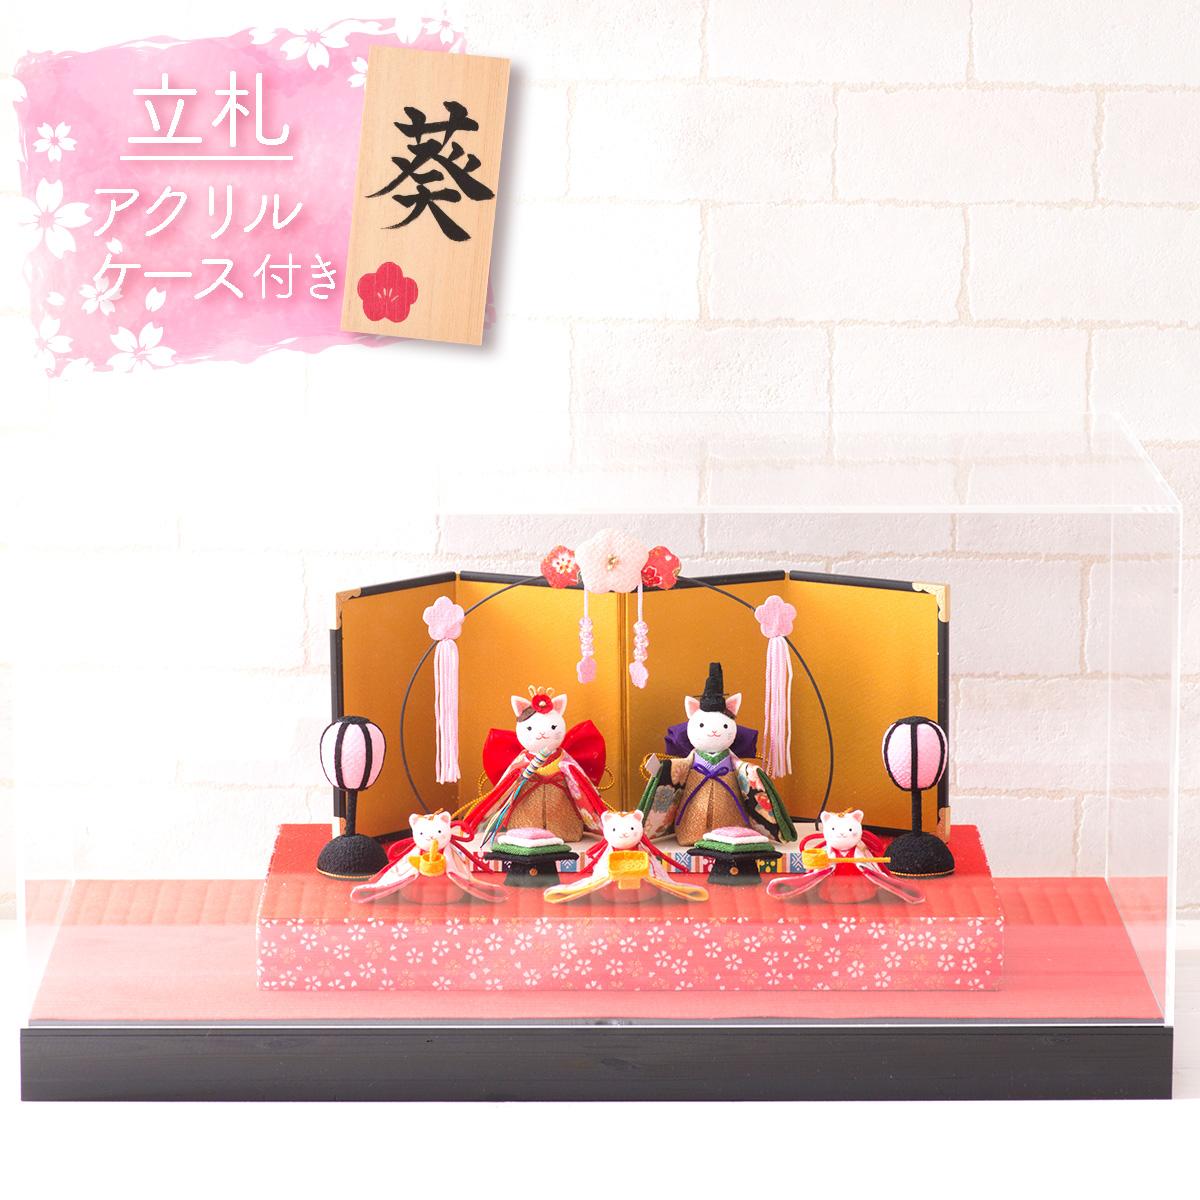 【送料無料】※北海道・沖縄・離島を除く雛人形 ケース飾り セット 小さい コンパクト ひな人形 ちりめん ミニ開花猫雛 5人揃いねこ ネコ お雛様 おひな様 『龍虎堂』リュウコドウ